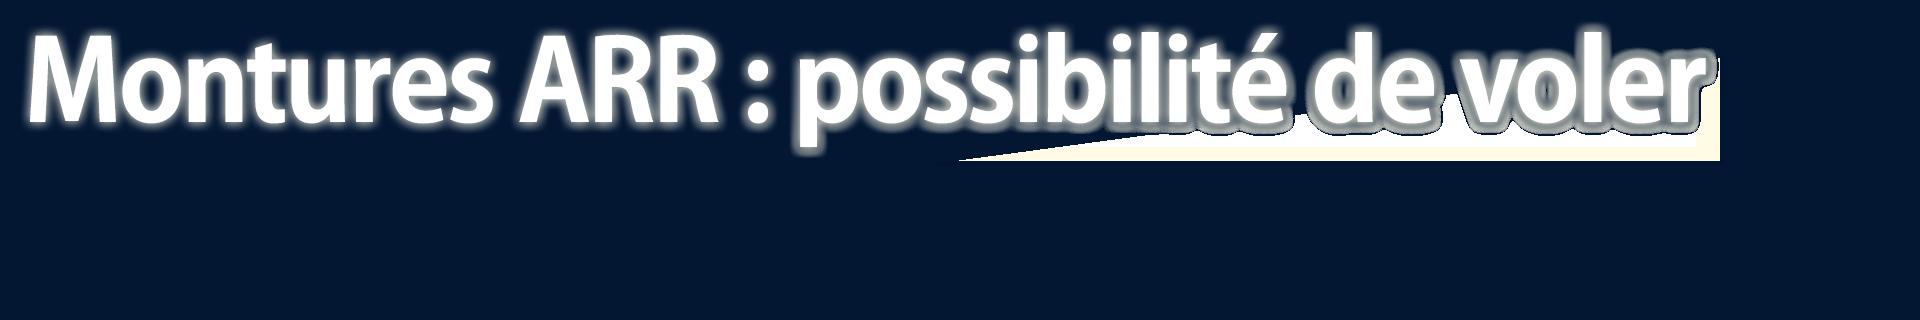 Montures ARR : possibilité de voler